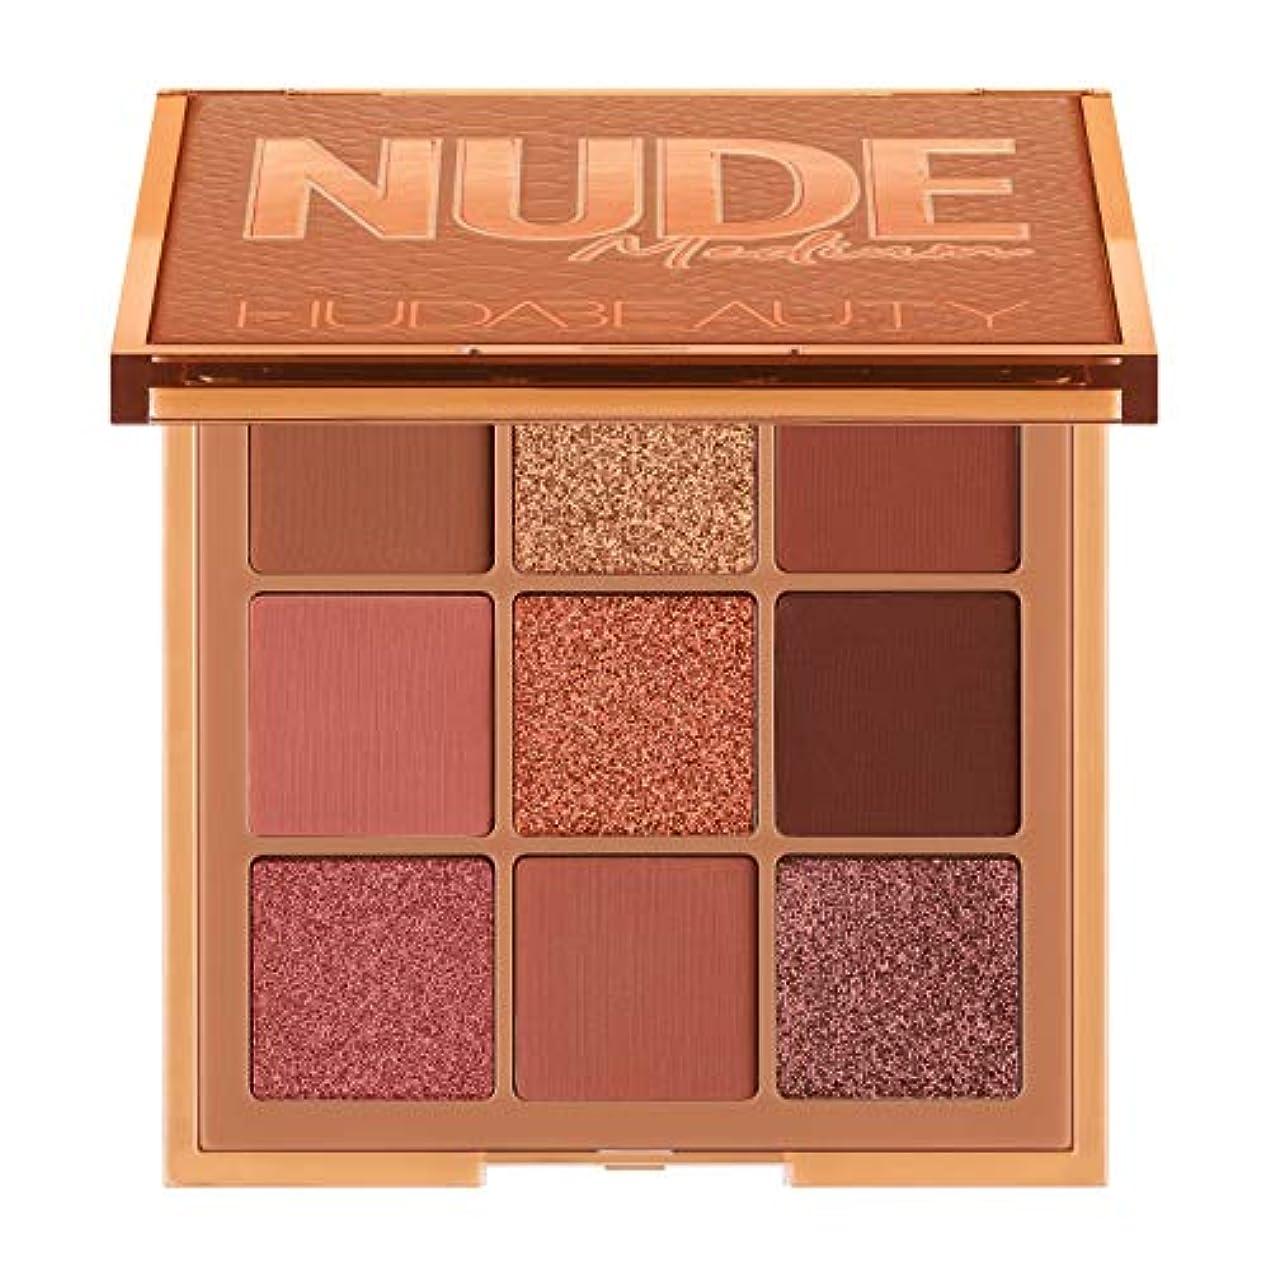 アナリスト焼く近傍HUDA BEAUTY Nude Obsessions Eyeshadow Palette Nude Medium